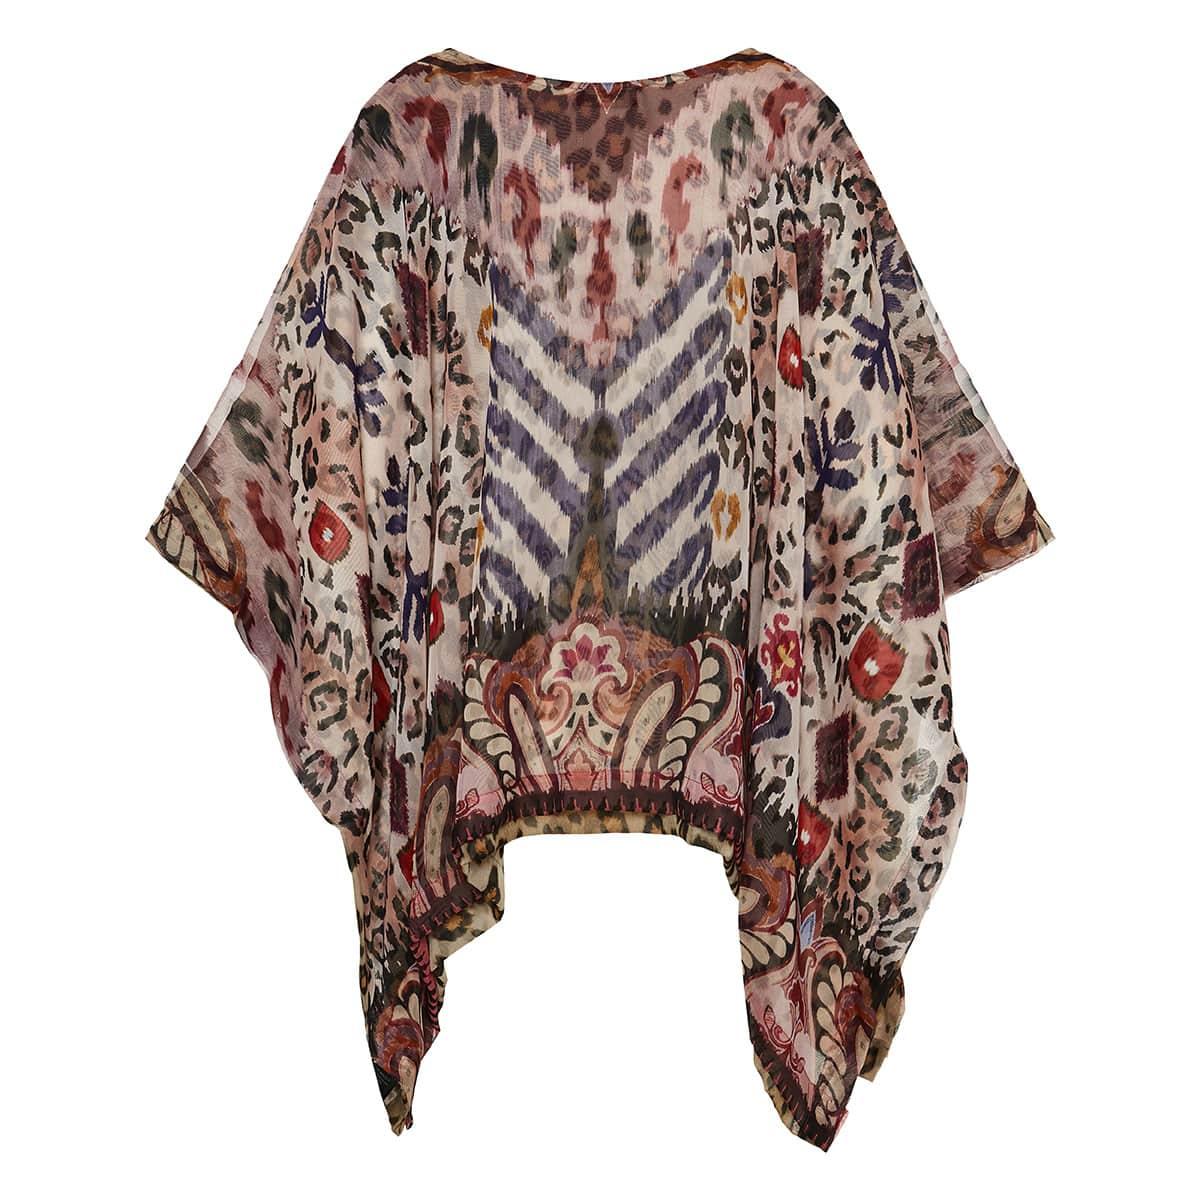 Printed silk chiffon poncho